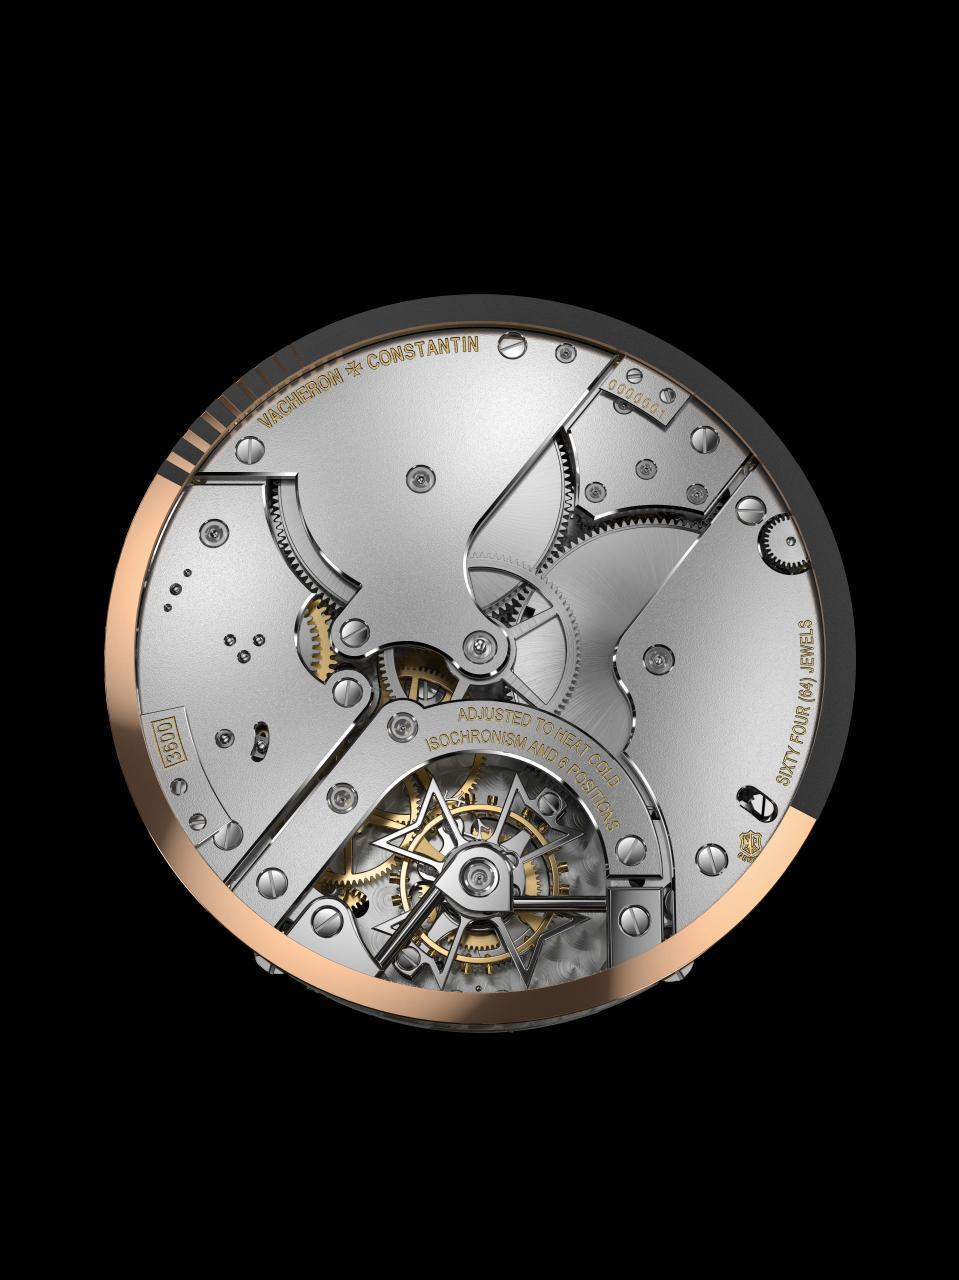 montres de + de 1000 euros - Page 42 9720C-000G-B281_CAL_back_1464111